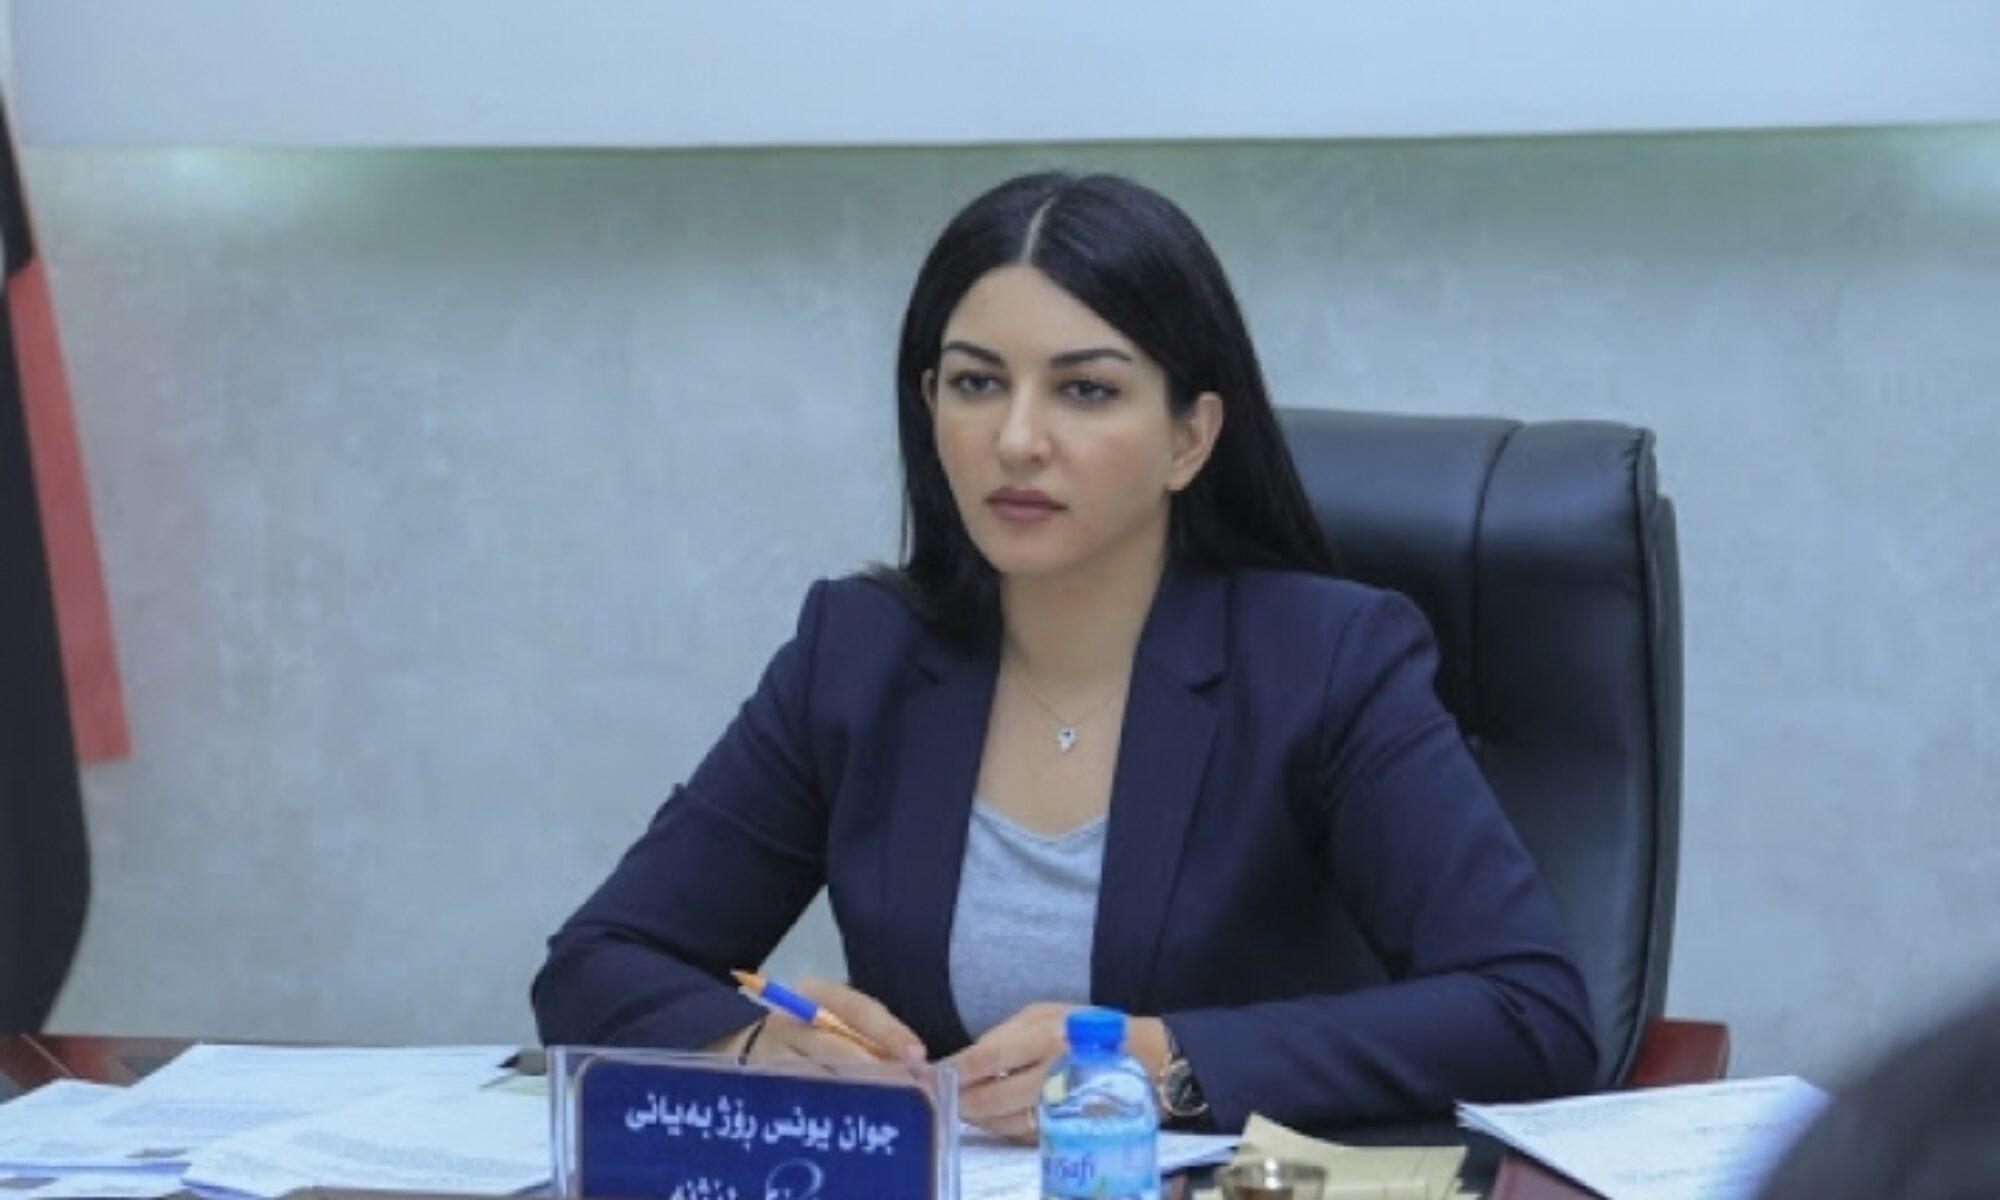 Cıwan Rojbeyani: Kürdistan idaresi dışındaki bölgelerin tarihi kitaplaştırılarak, tarihsel gerçekleri kamuoyuna sunacak